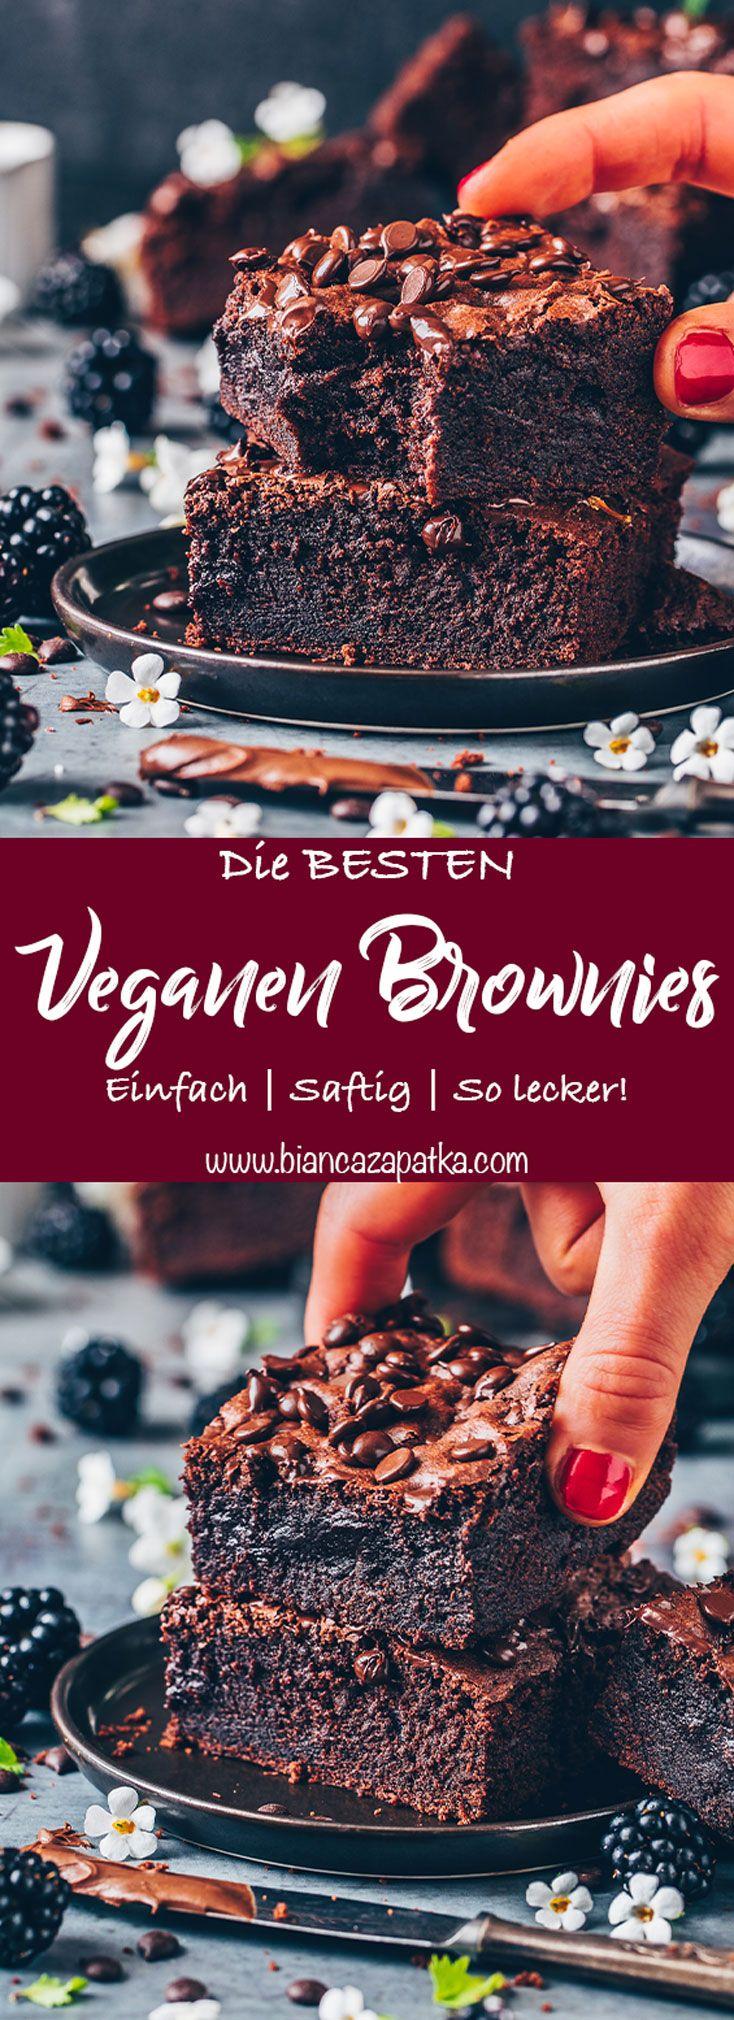 Die besten Brownies - vegan, einfach, saftig